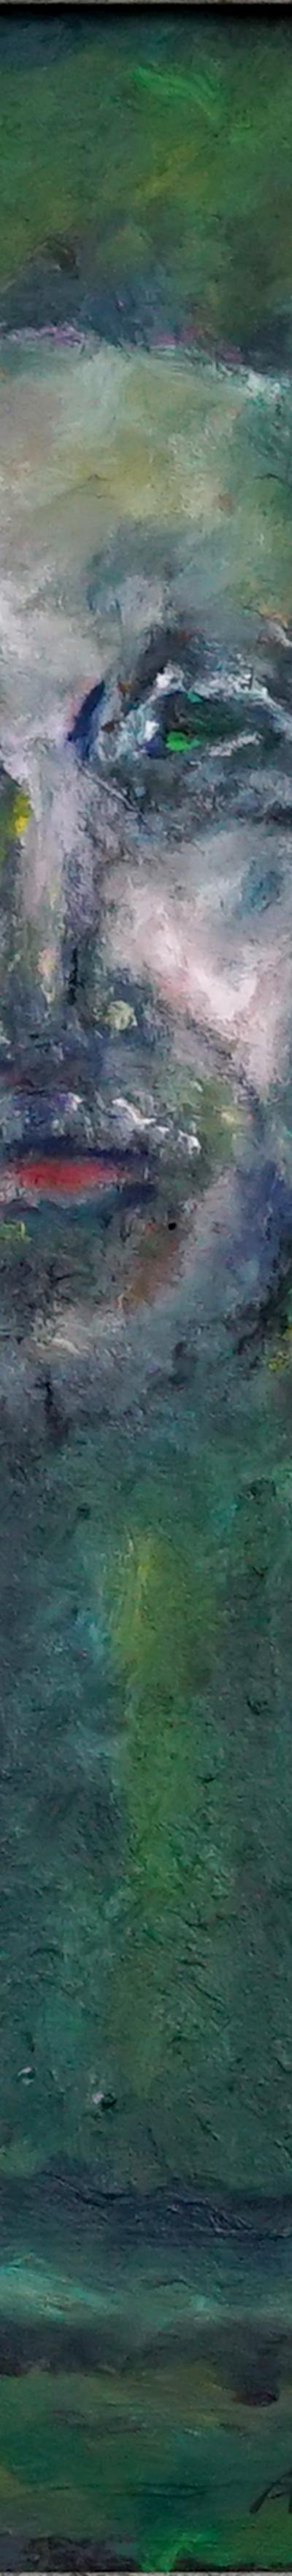 sarmini 40x56 cm, oil on canvas